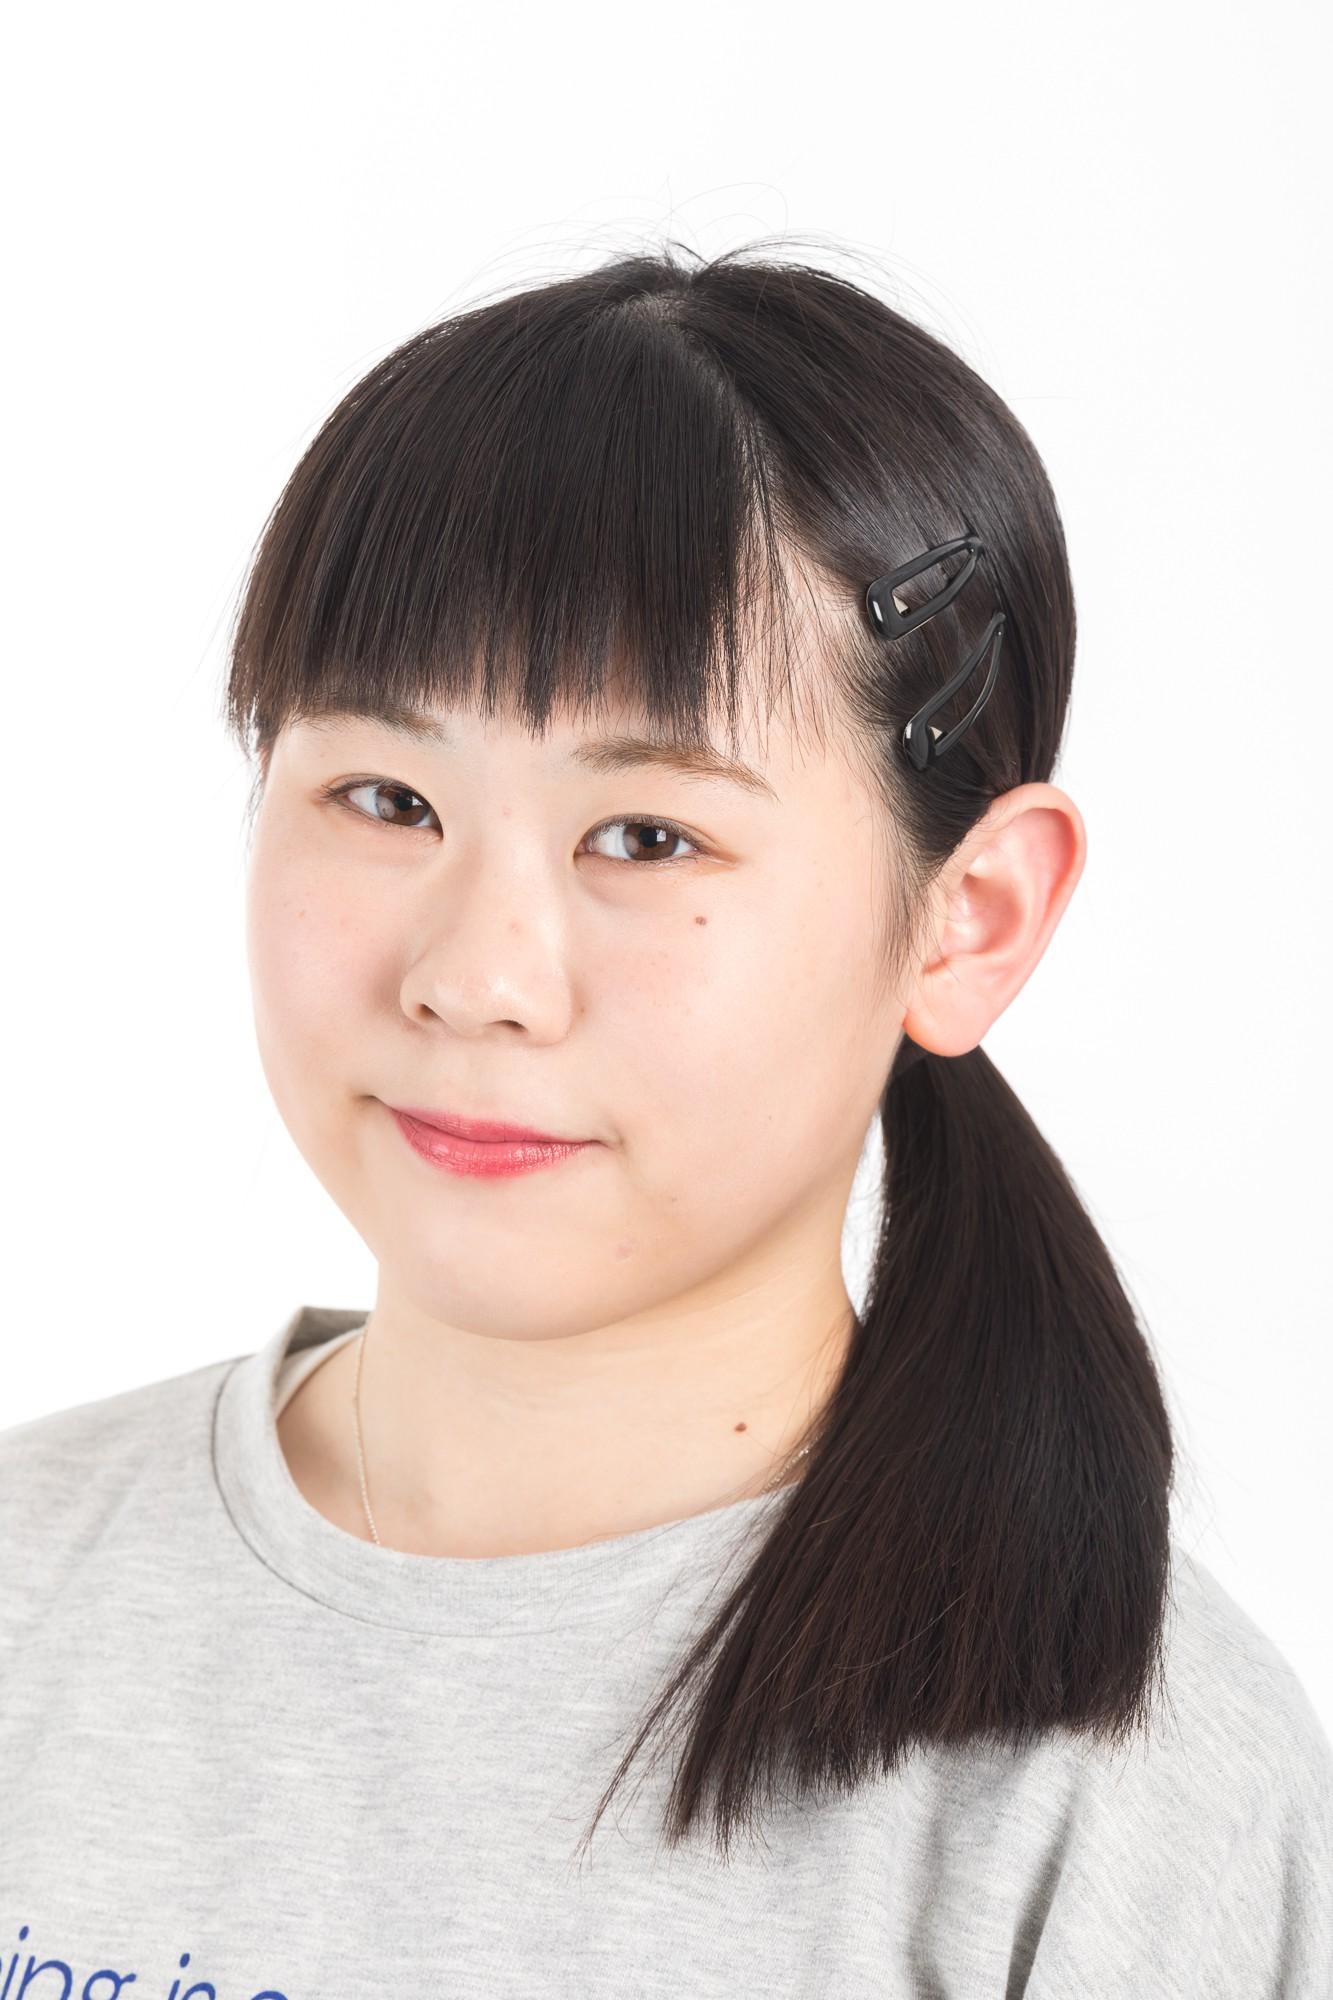 高橋満里奈,TakahashiMarina